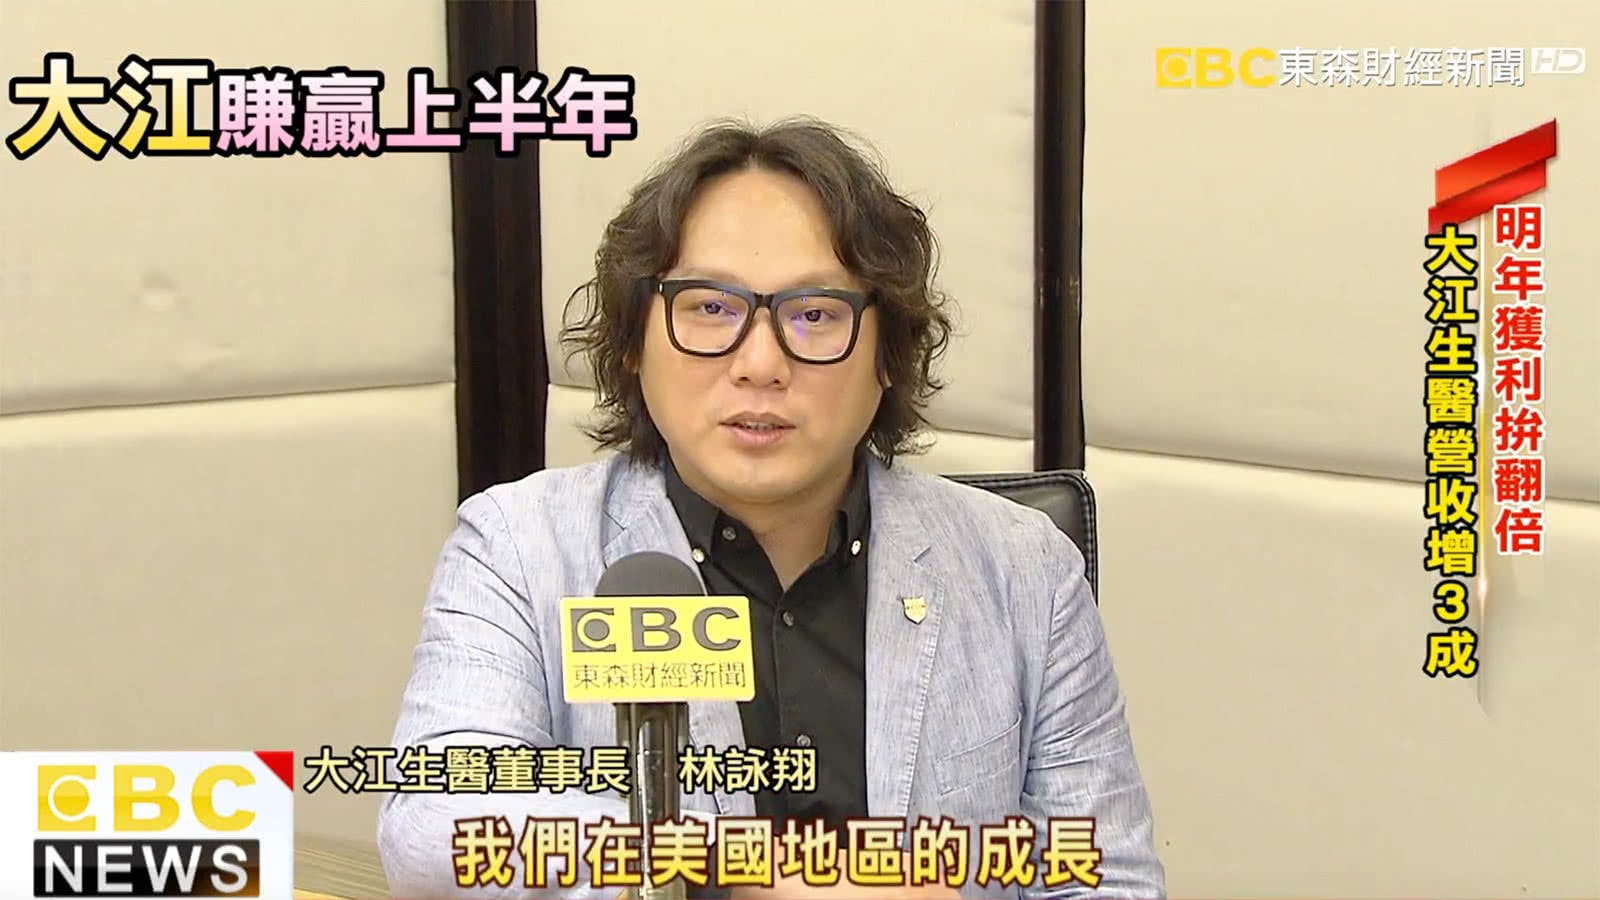 [东森财经]大江生医:明年获利拚翻倍营收增3成